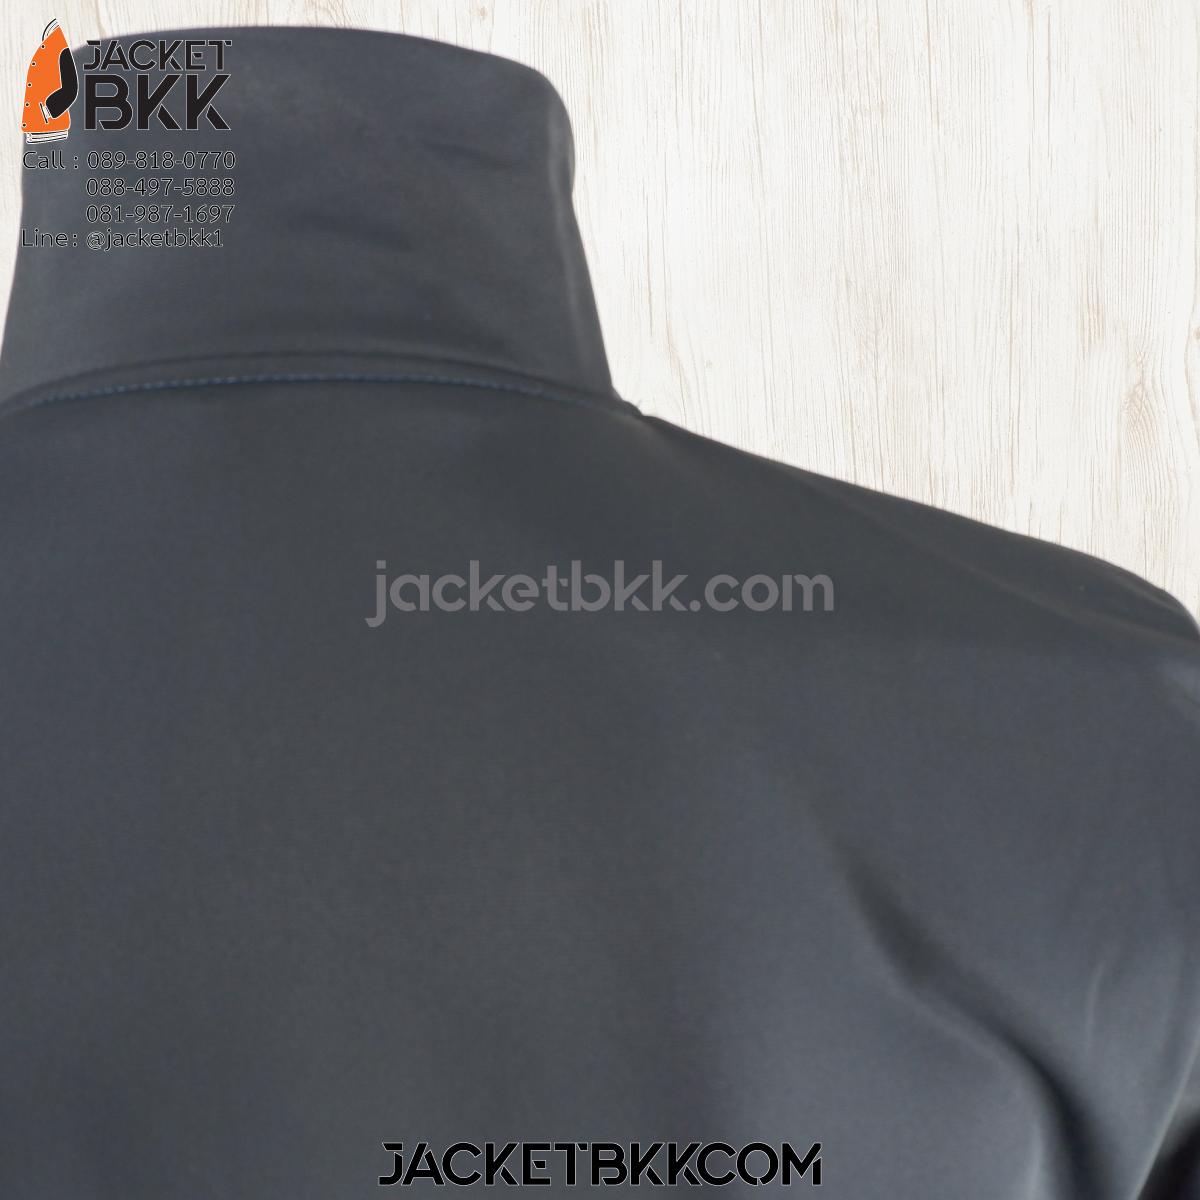 ร้านขายส่ง เสื้อแจ็คเก็ตผ้าขูดขน สีกรมท่าเข้ม โบ๊เบ๊ - บริการปักสกรีน